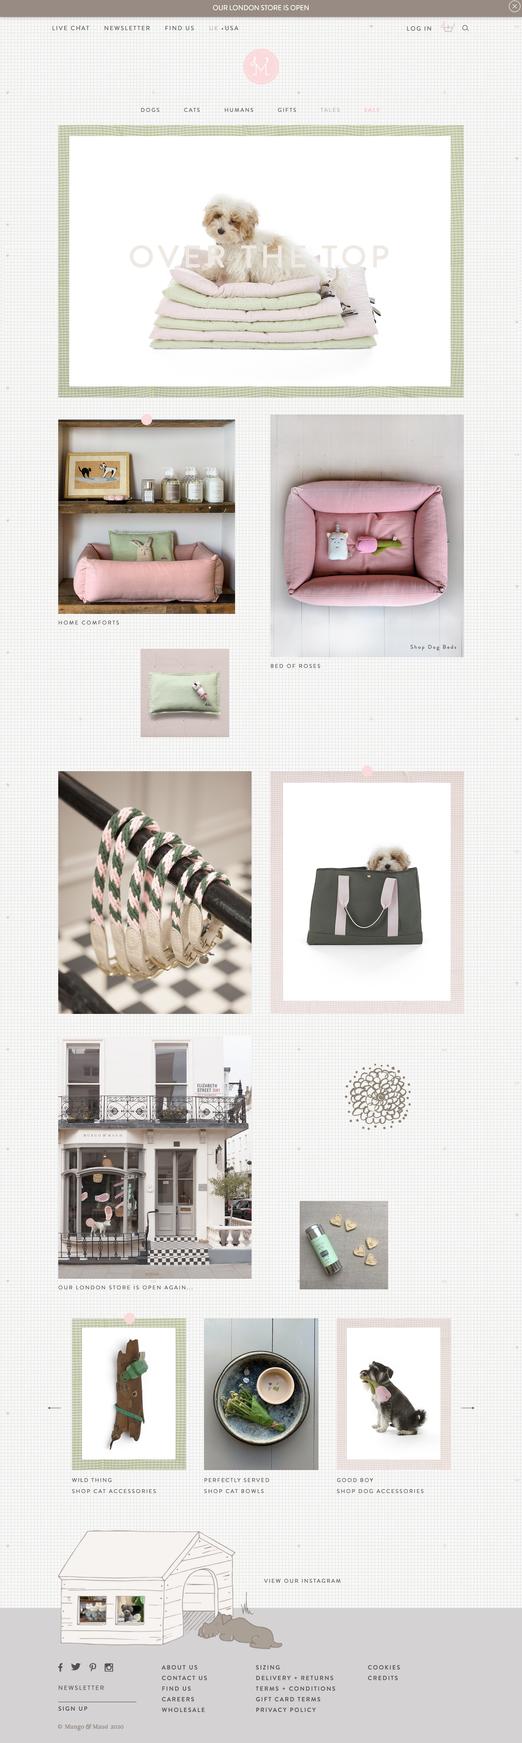 Mungo & Maud: Homepage May 2020